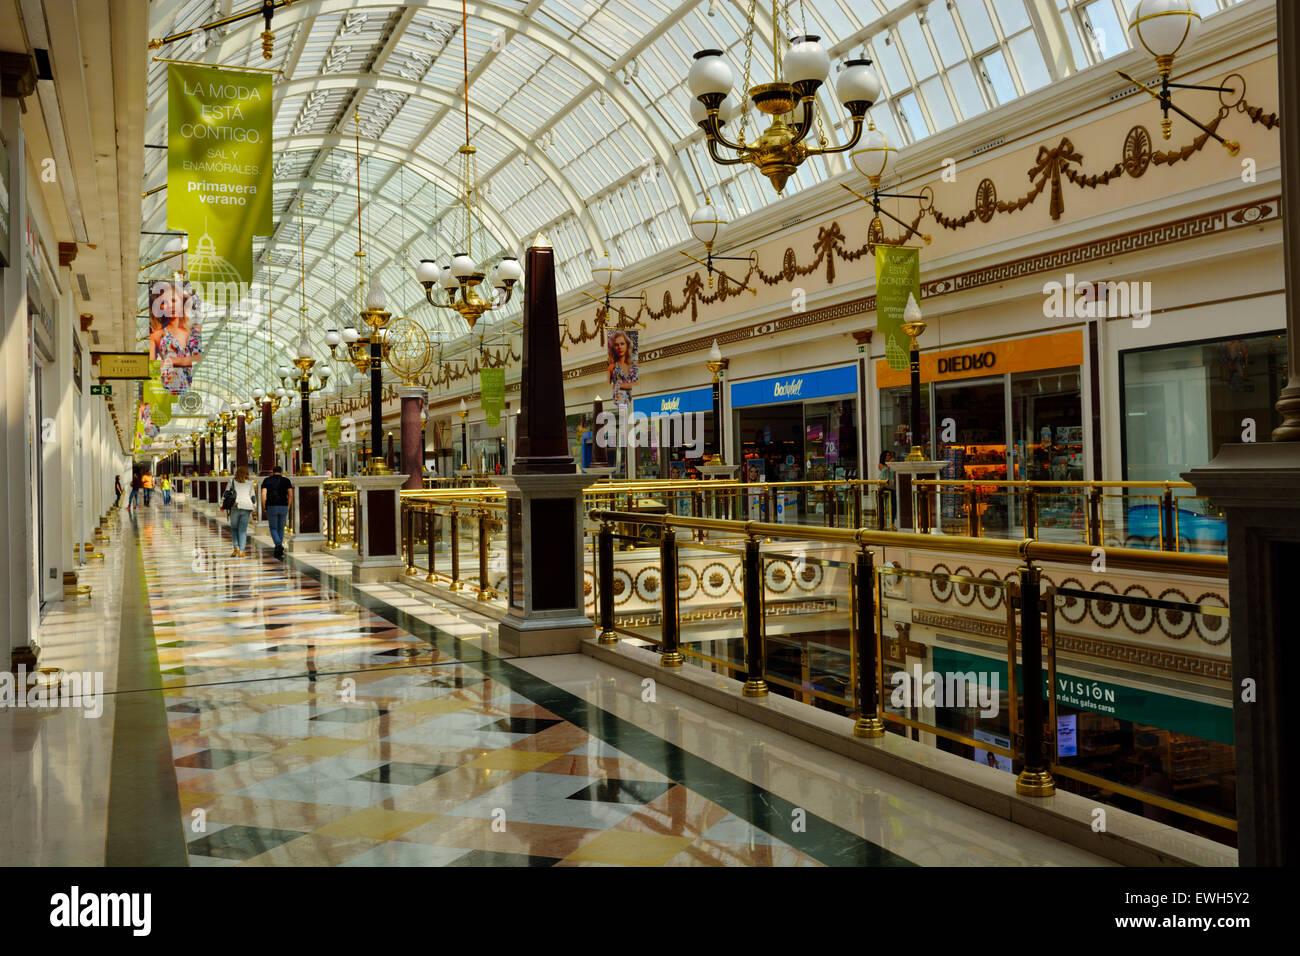 Centro comercial plaza norte 2 madrid espanha foto - H m plaza norte ...